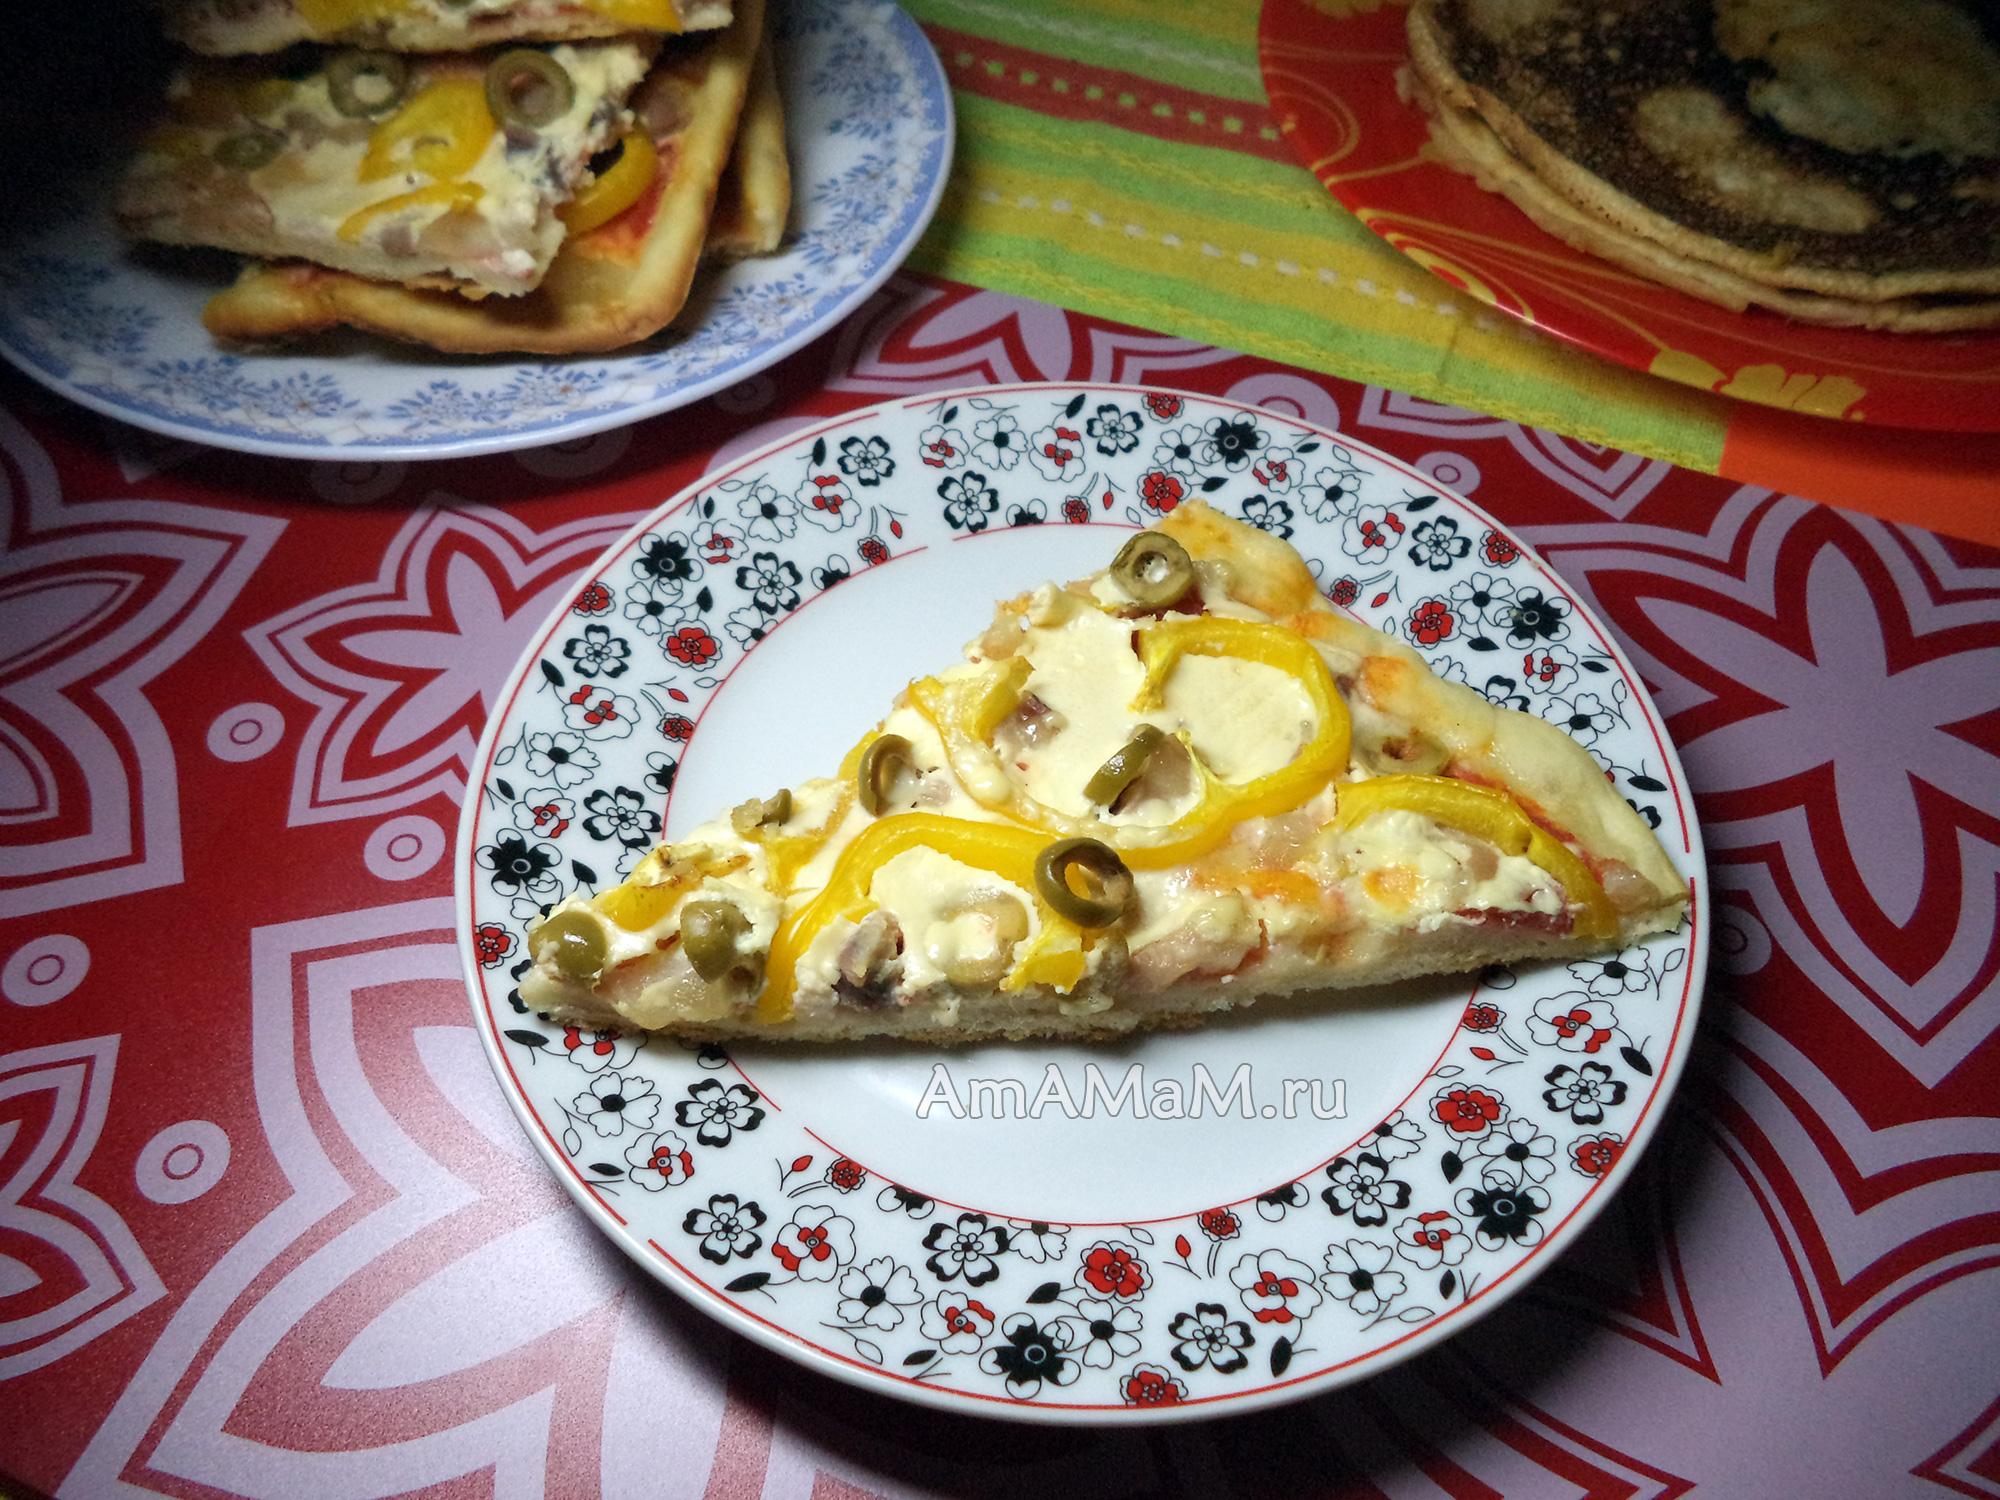 Пицца без сыра рецепт в домашних условиях в духовке